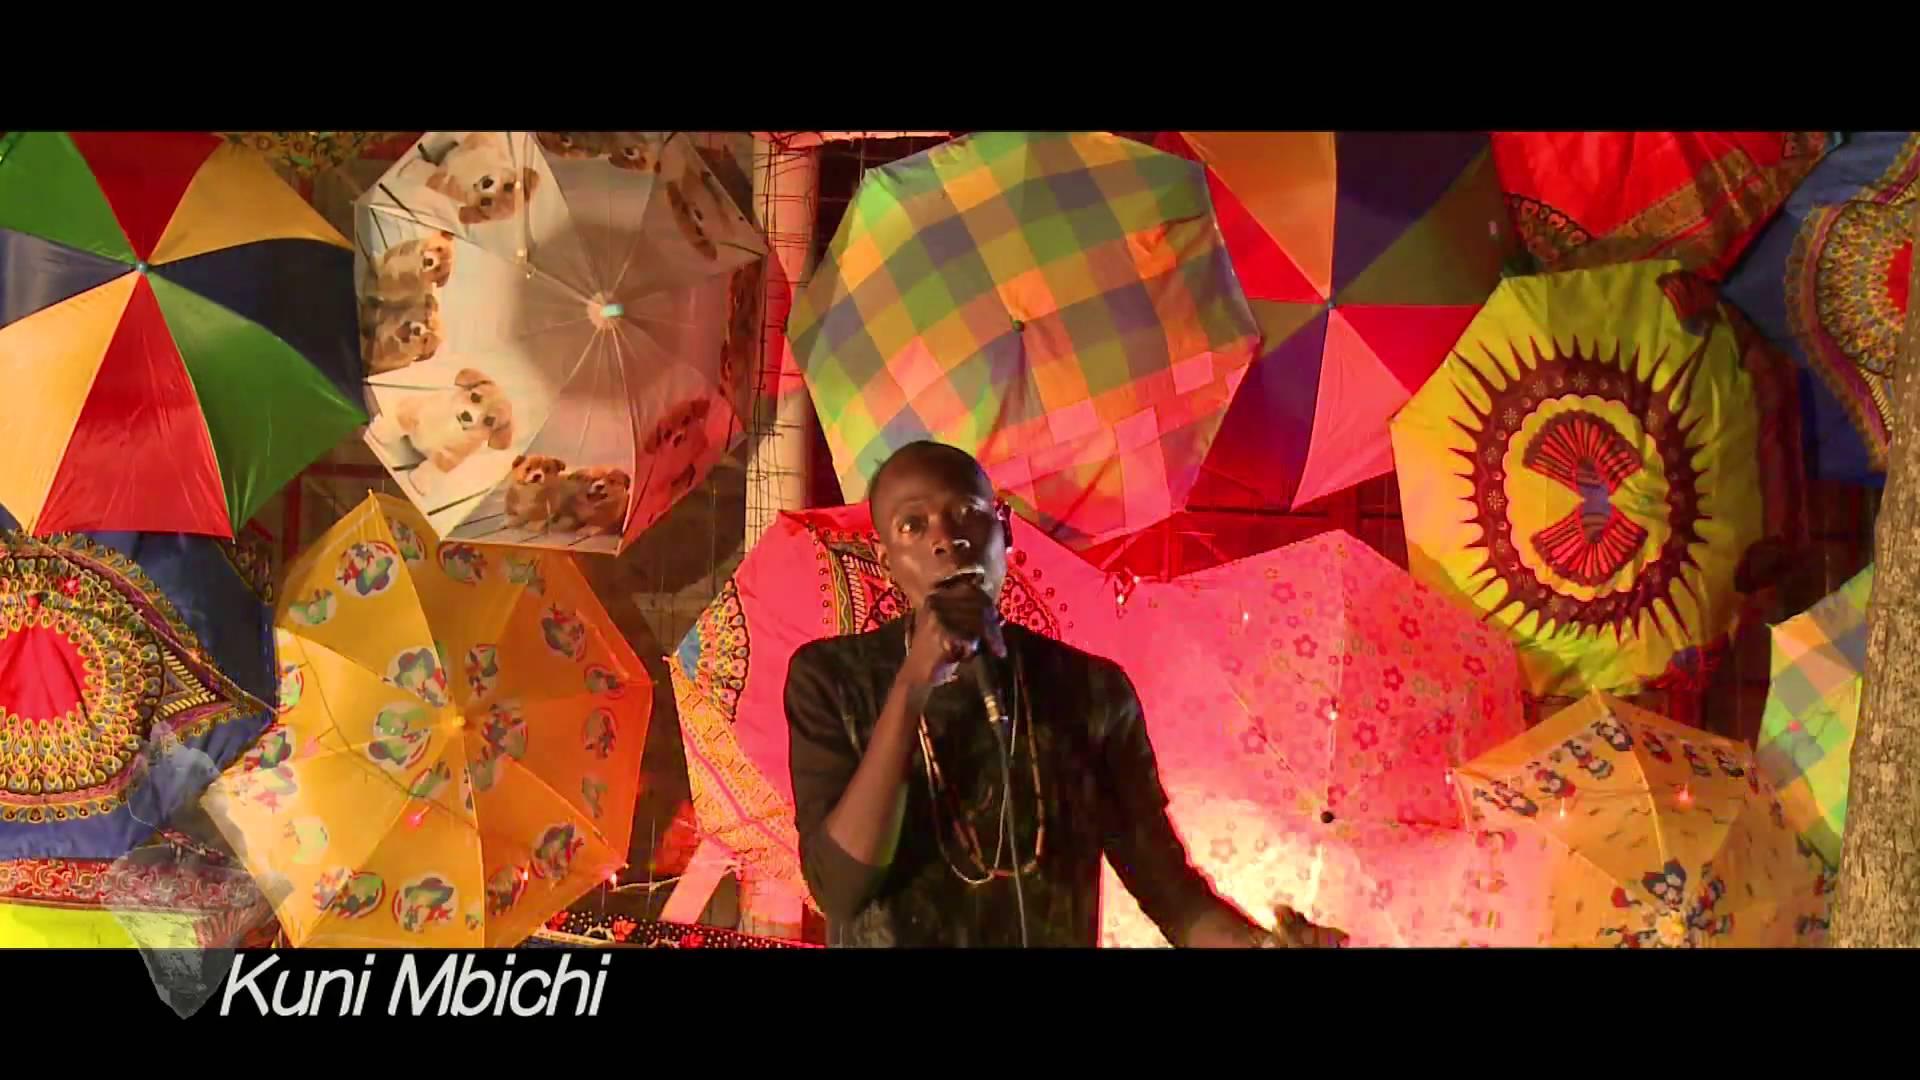 Kuni Mbichi